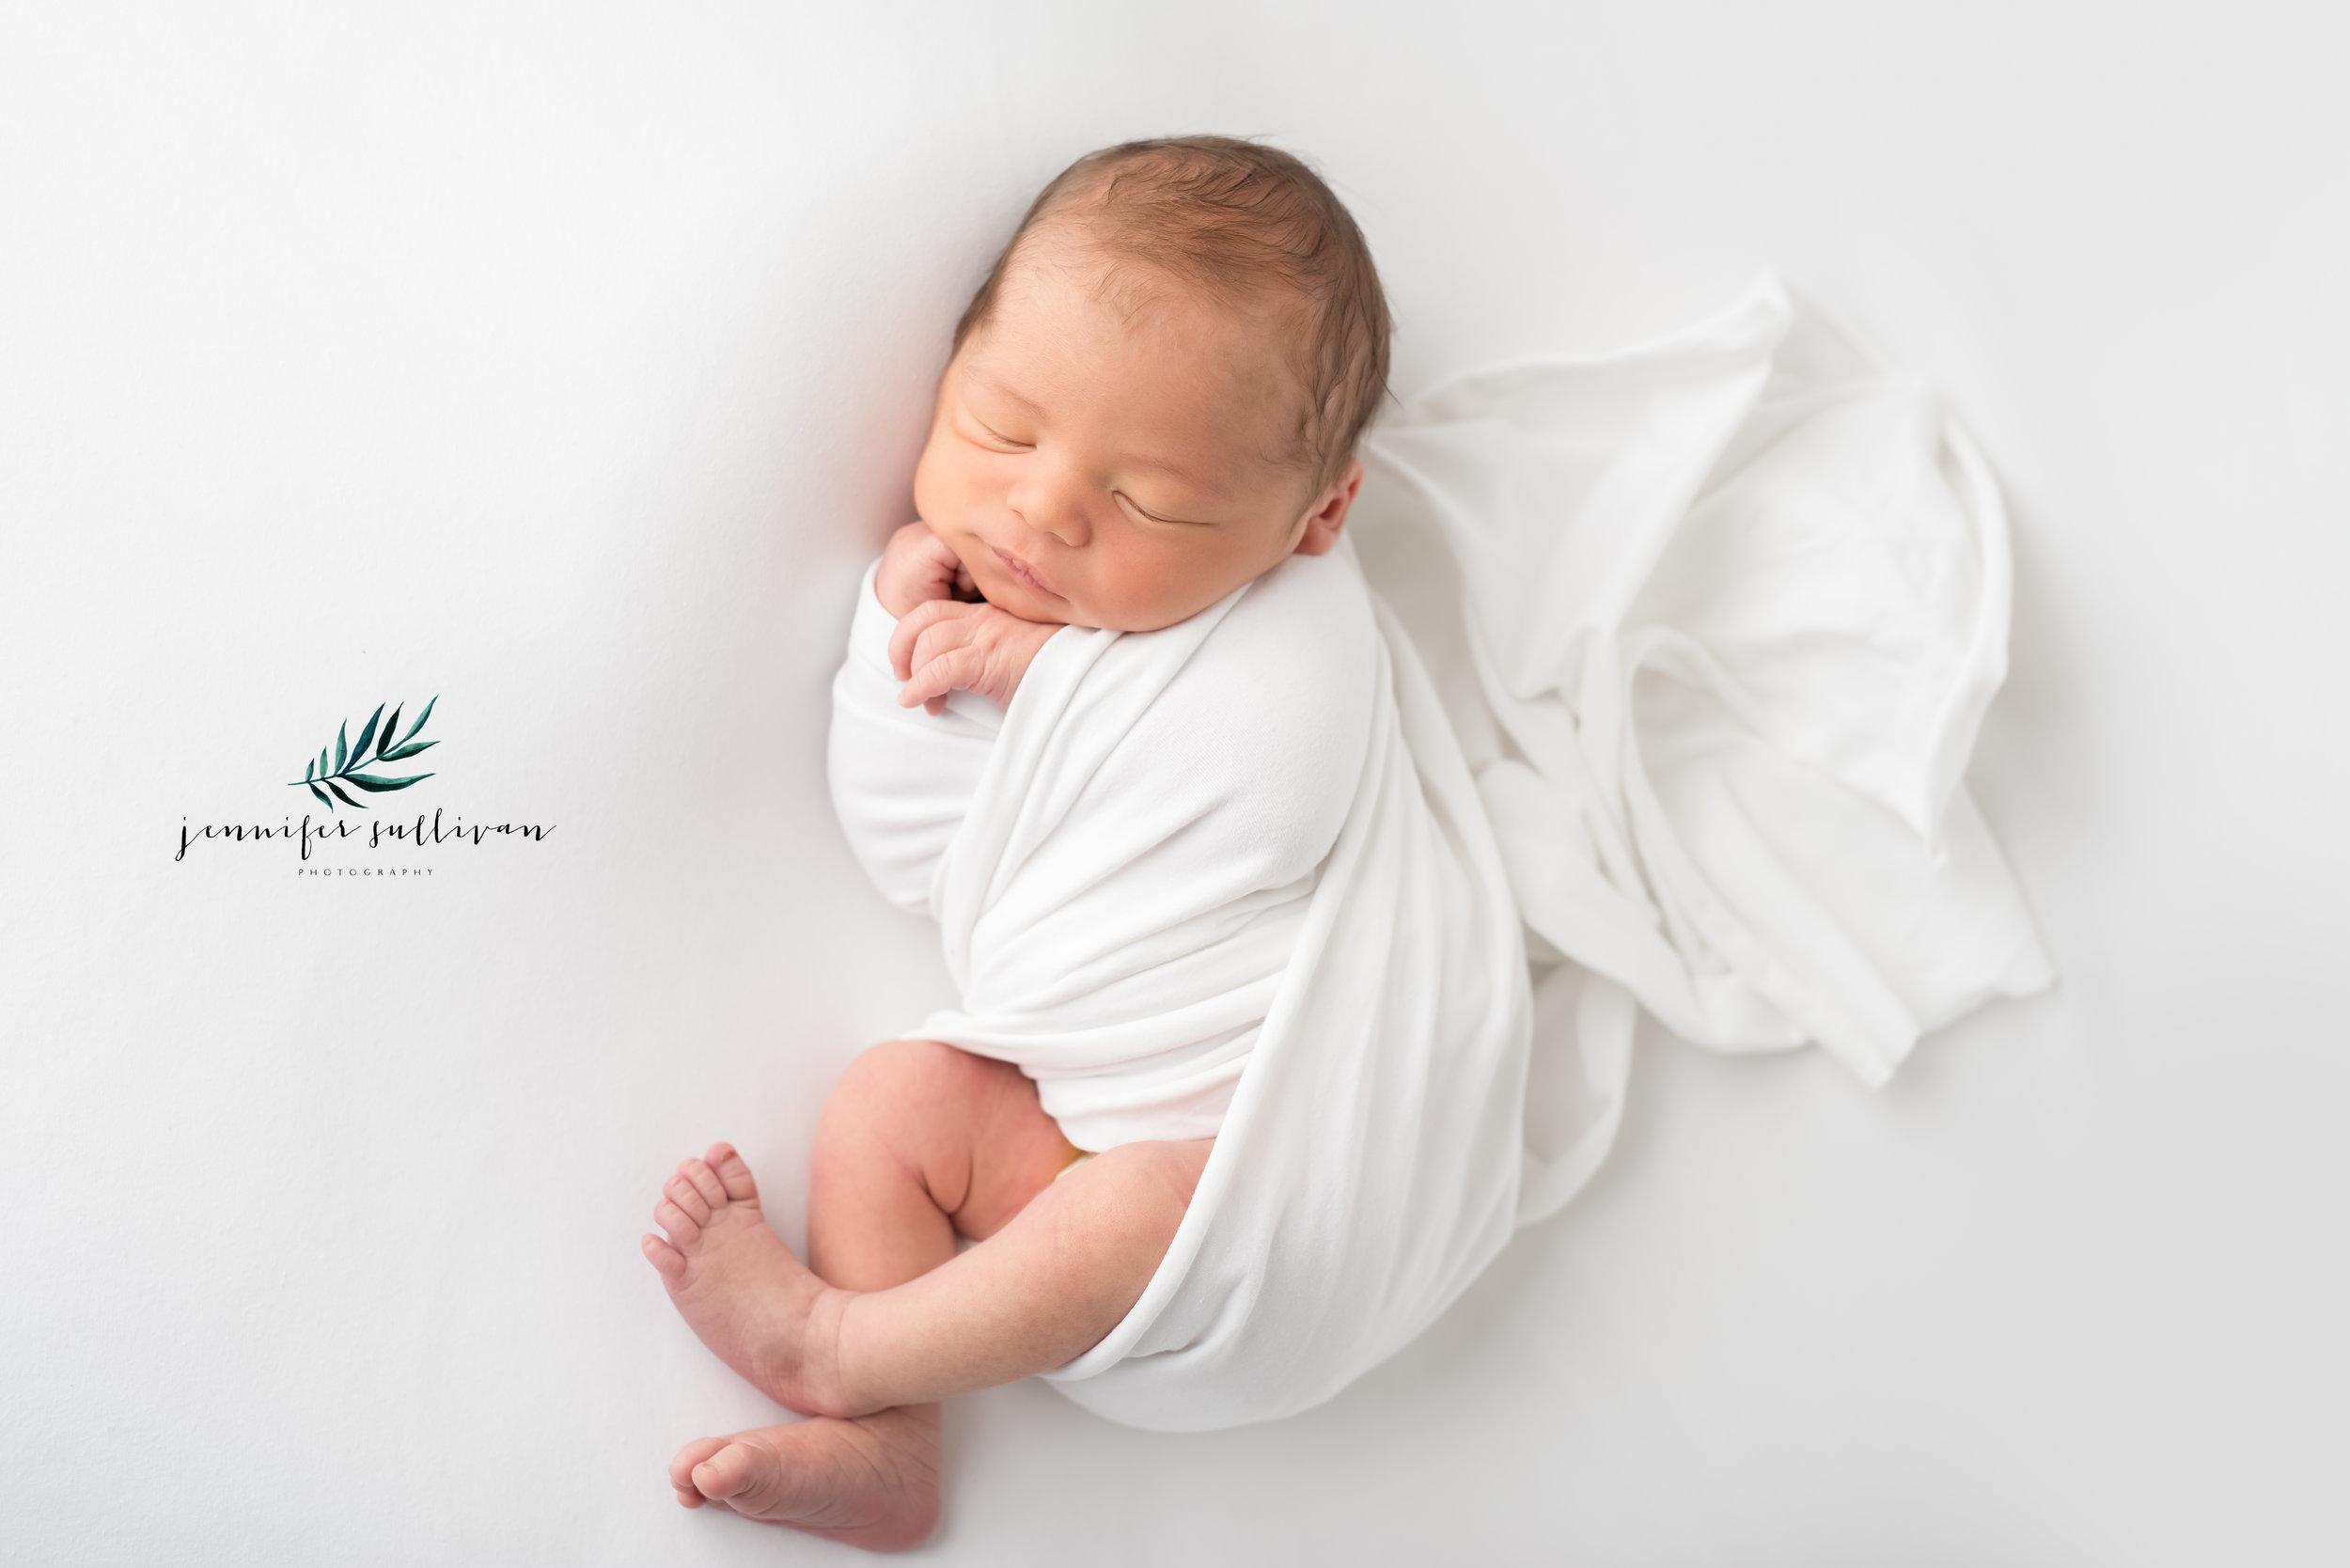 dartmouth baby photographer newborn-400-6.jpg